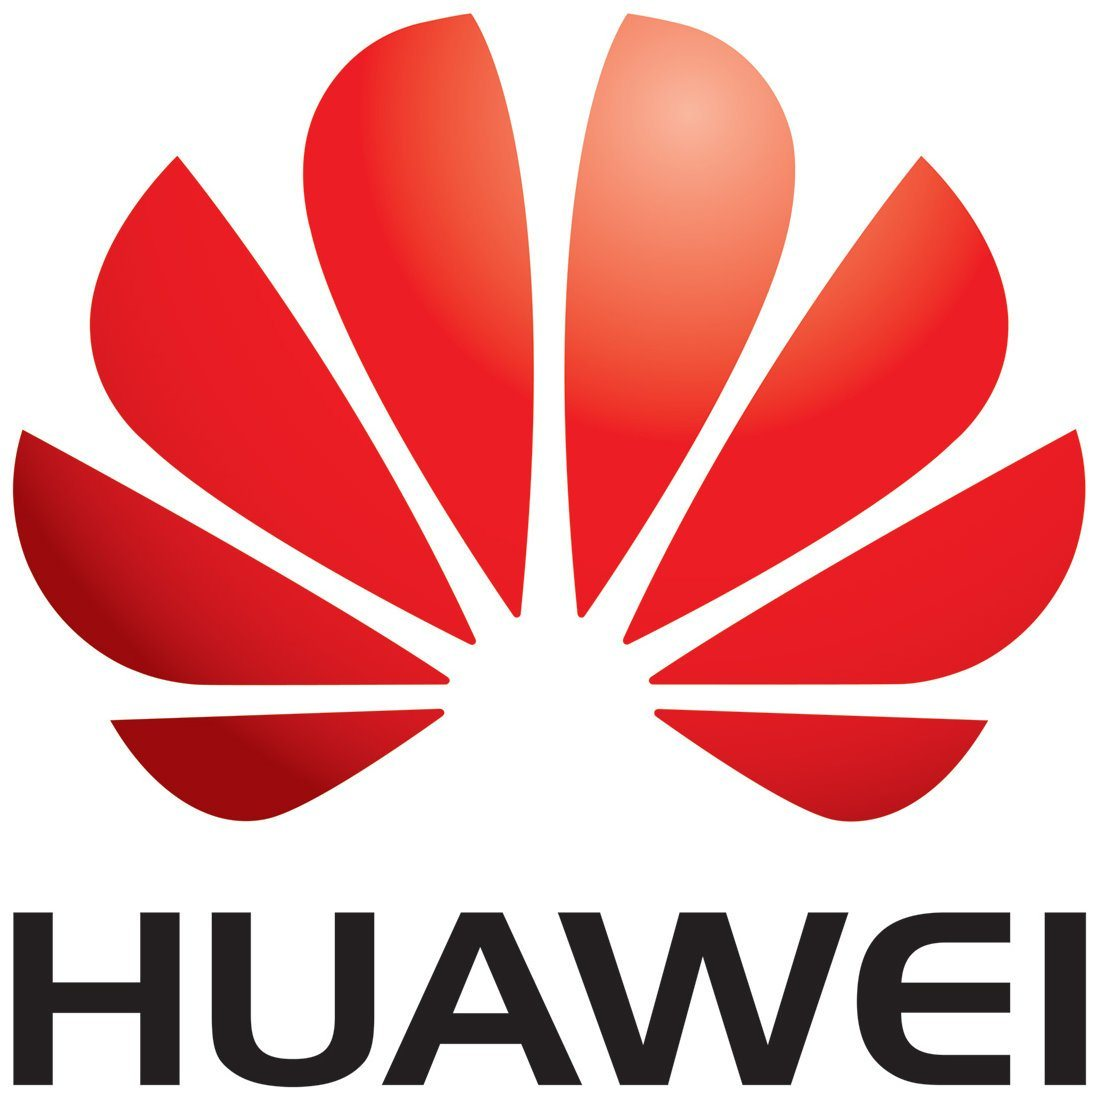 Surpriza! Huawei isi deschide un centru de cercetare si dezvoltare in Brazilia